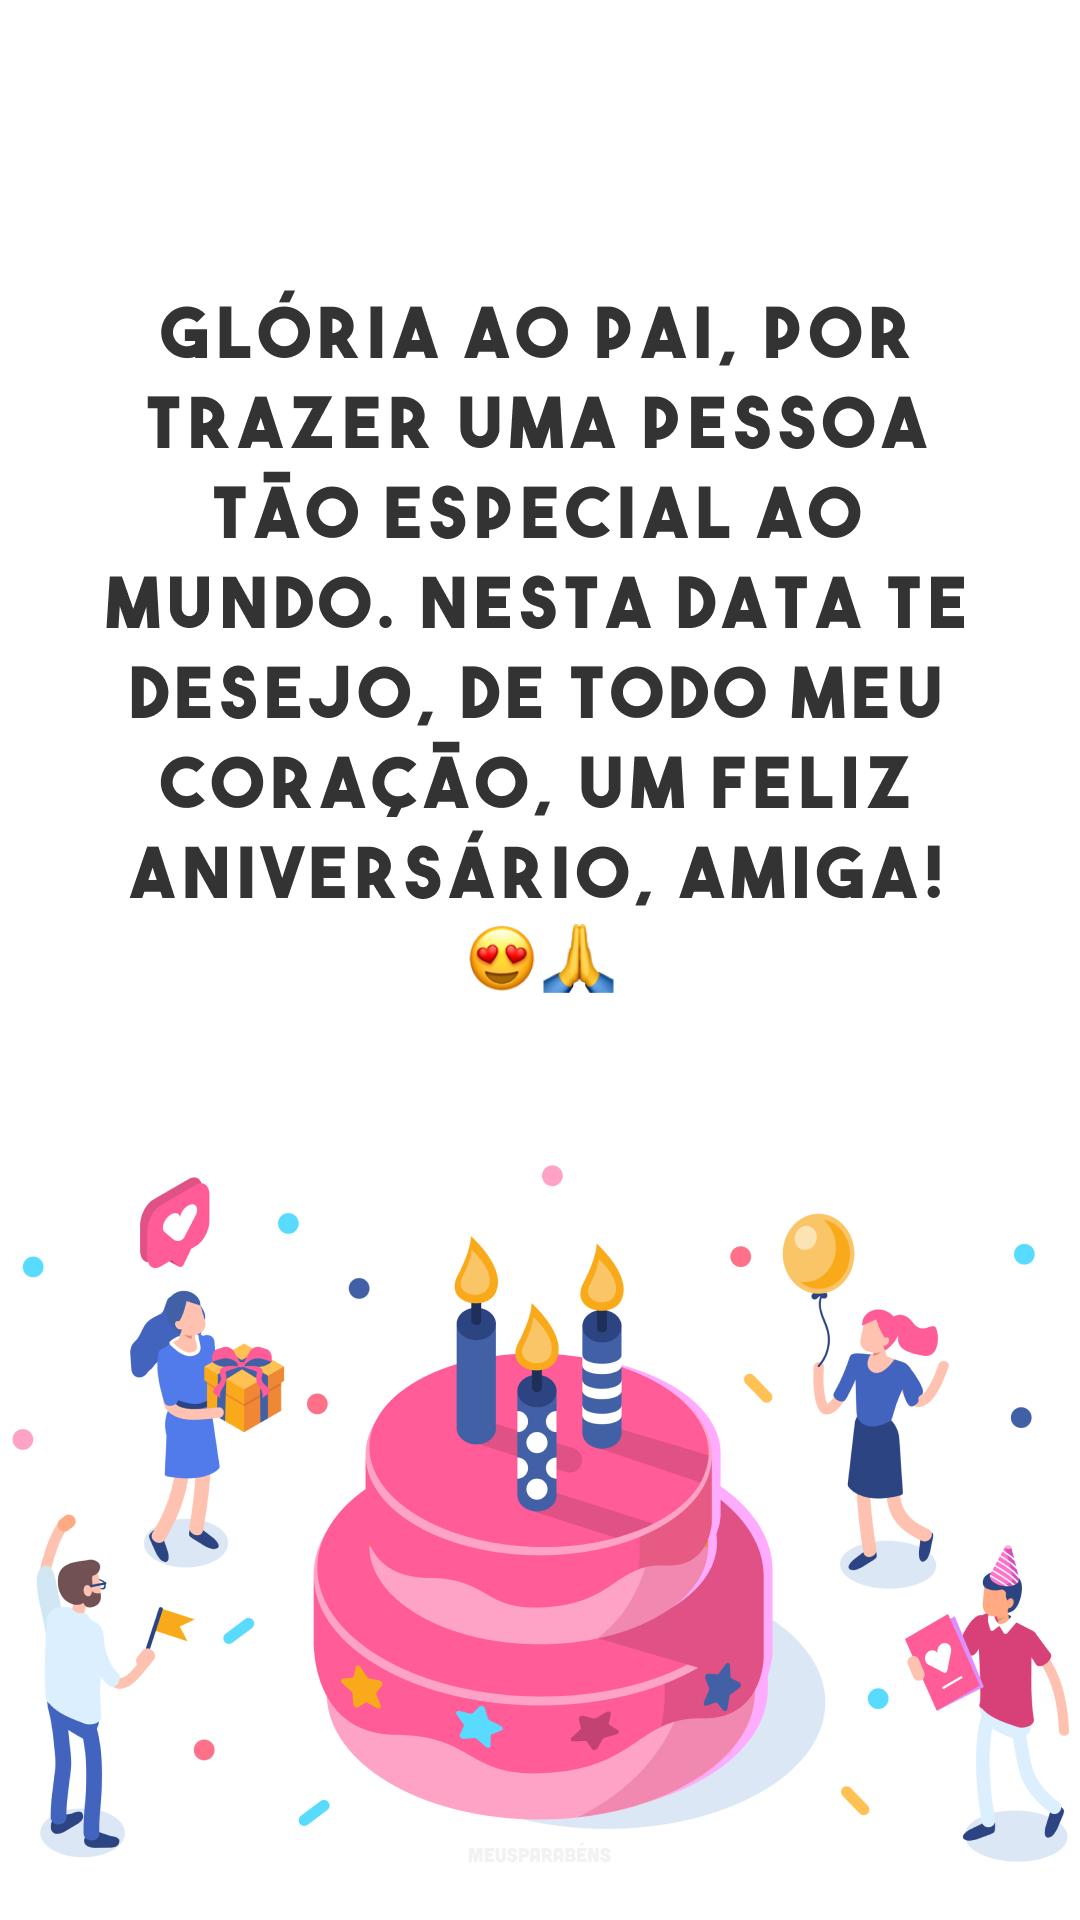 Glória ao Pai, por trazer uma pessoa tão especial ao mundo. Nesta data te desejo, de todo meu coração, um feliz aniversário, amiga! 😍🙏